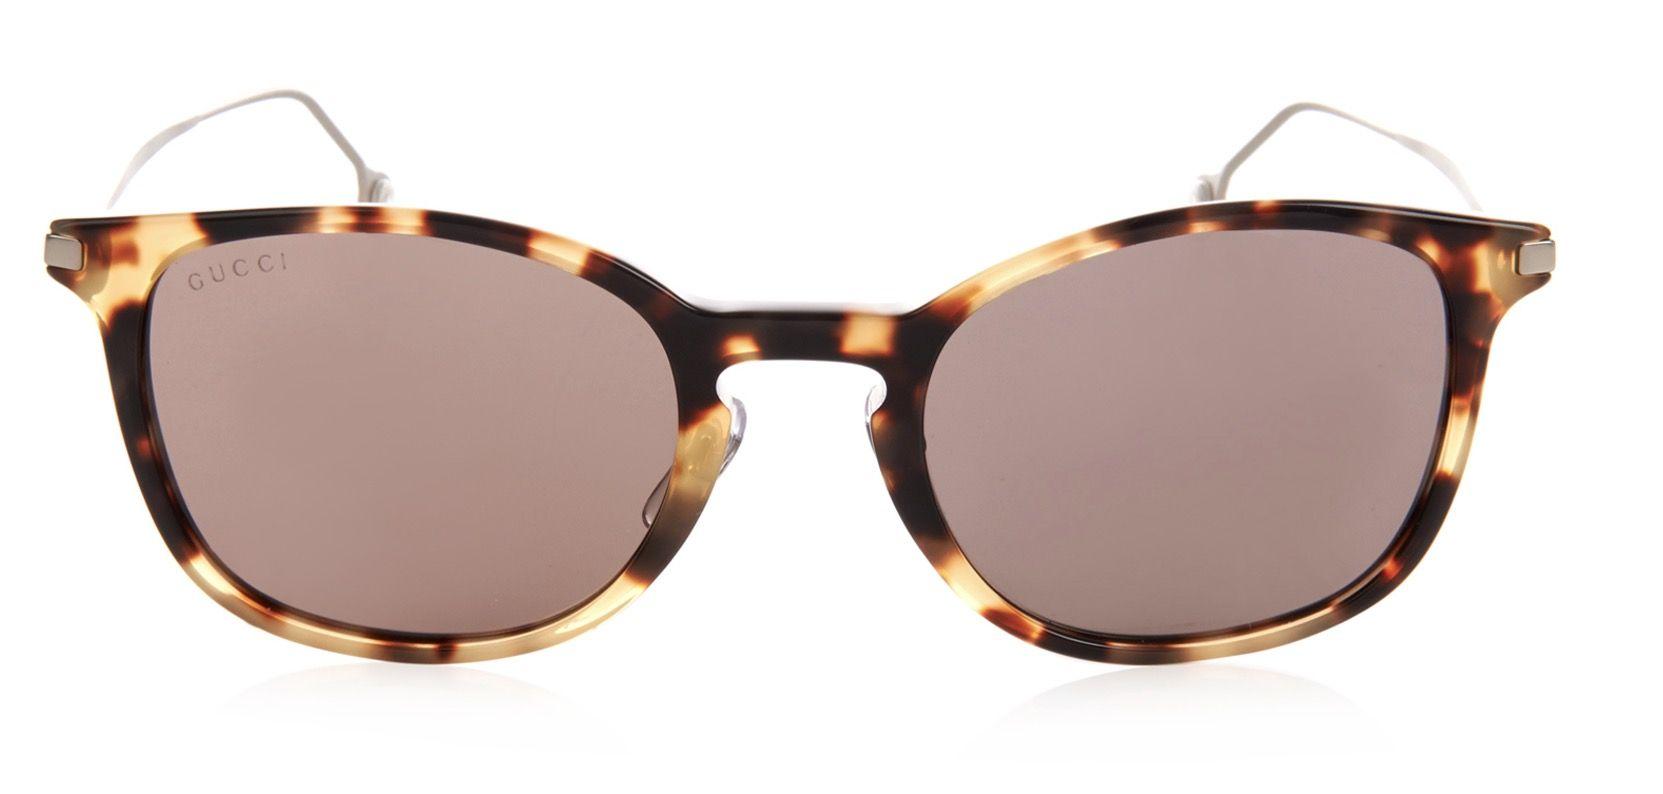 Best Men\'s Sunglasses for Summer 2017 - Our 12 Top Summer Eyewear ...